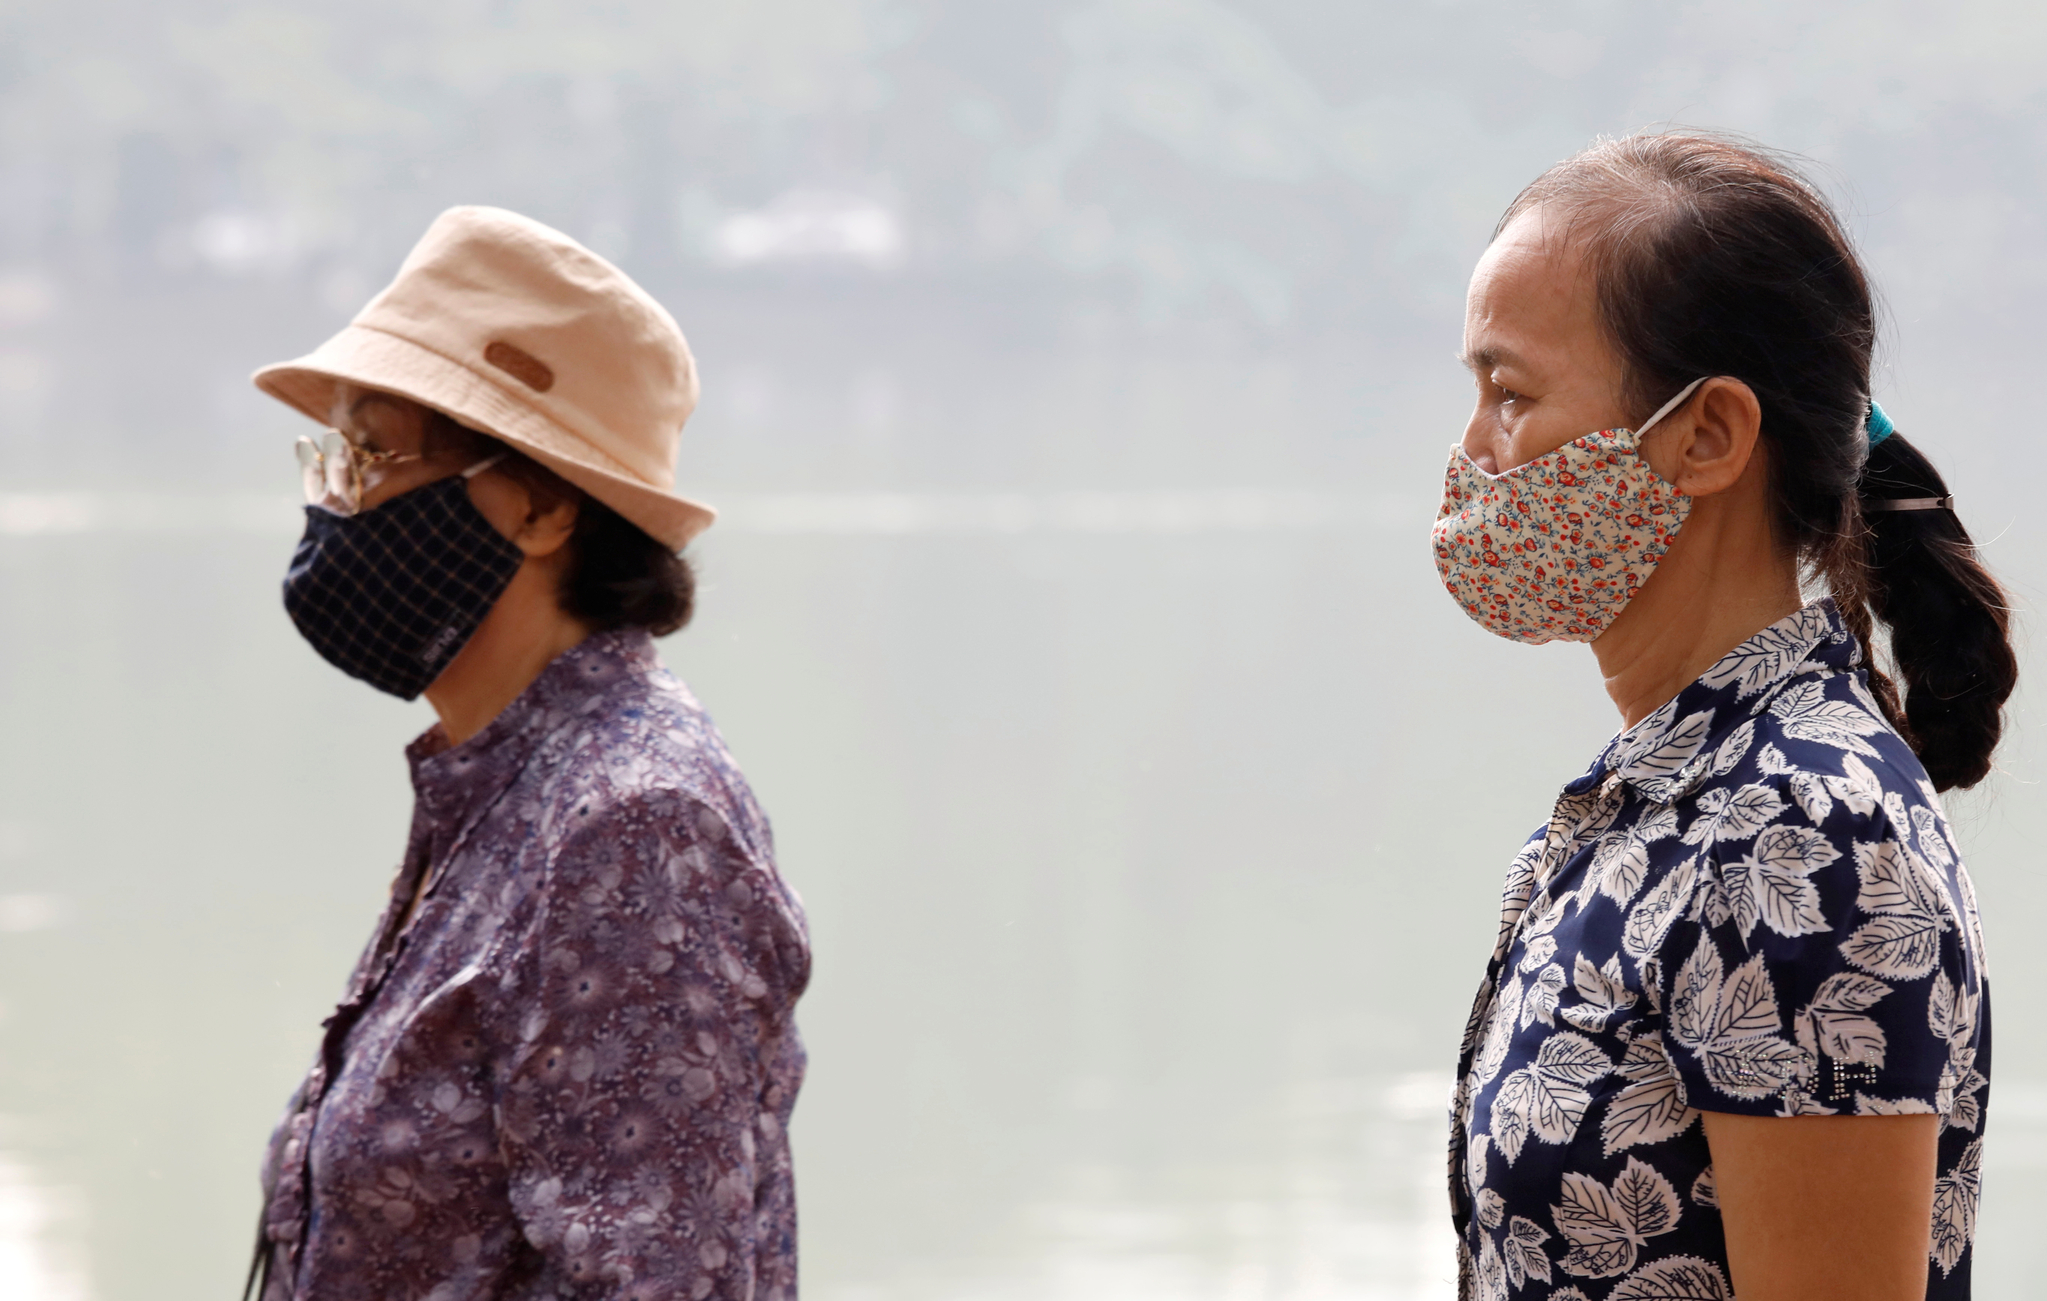 지난달 2일 스모그로 베트남 하노이 하늘이 뿌옇게 변한 가운데 베트남 여성들이 하노이 호안 키엠 호수 주변을 걷고 있다. [로이터=연합]